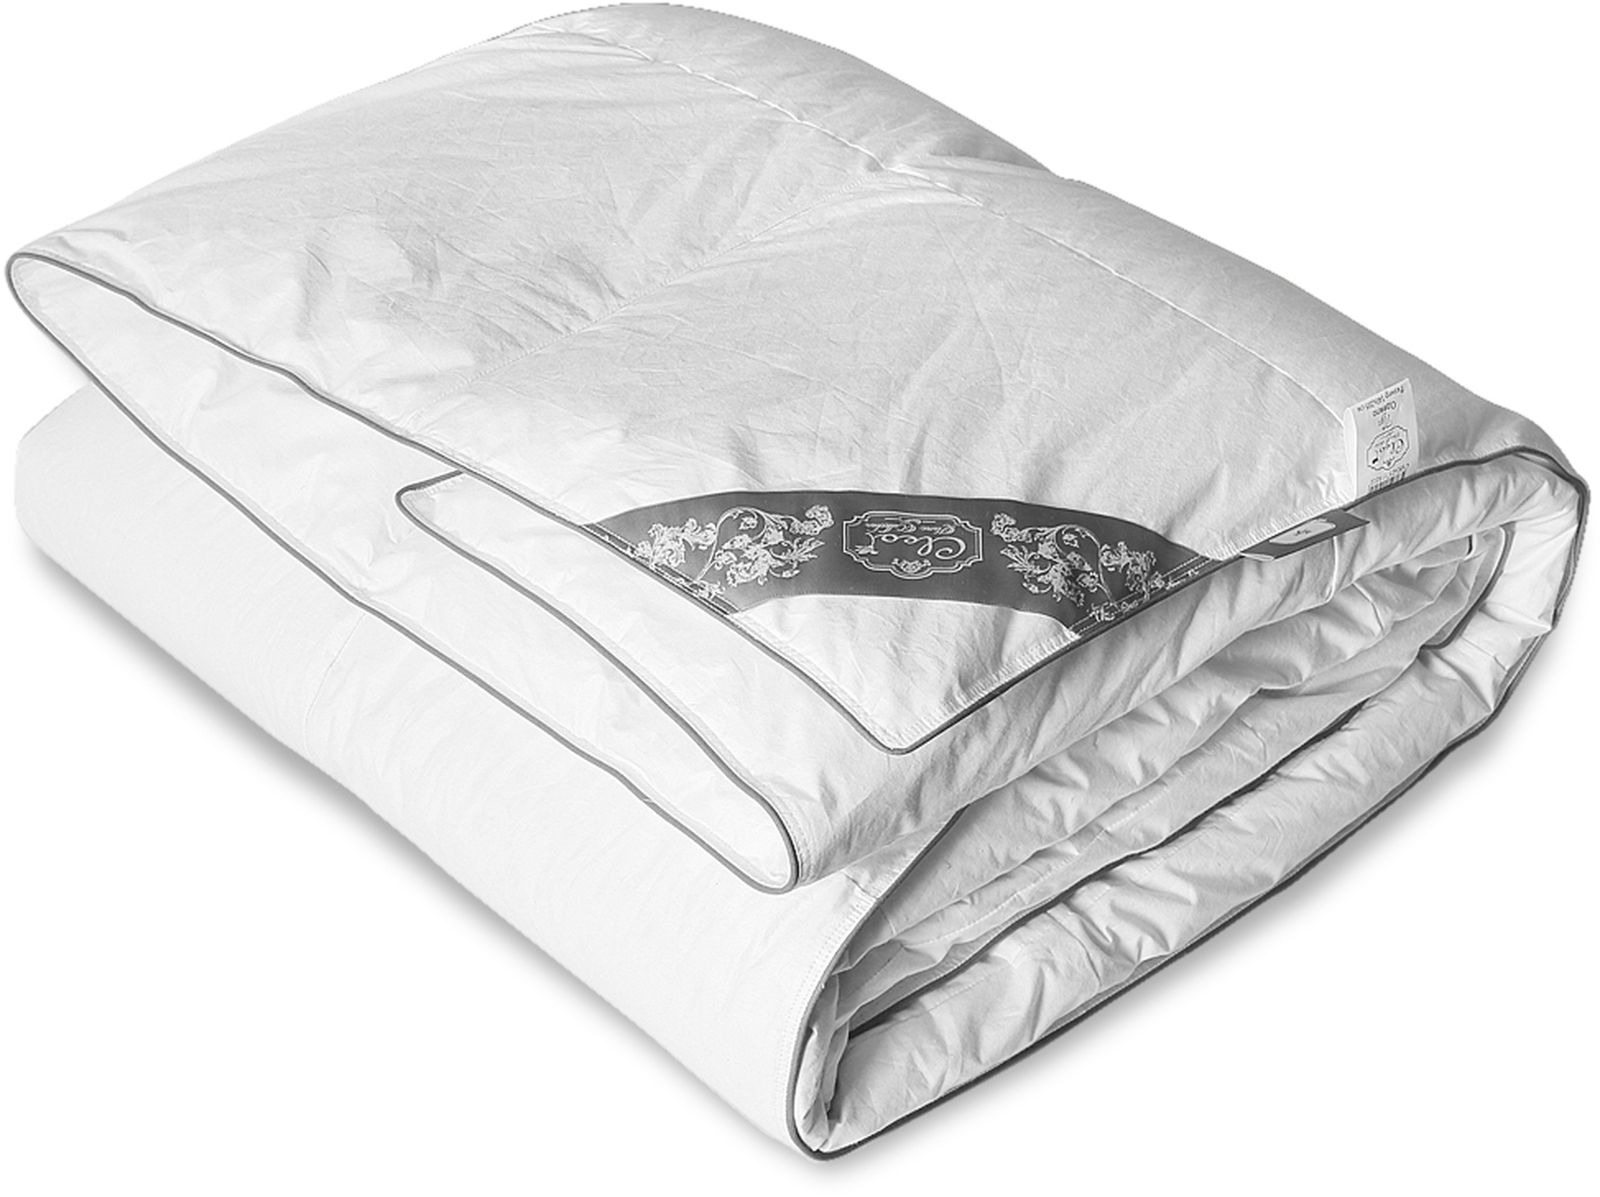 Одеяло Cleo Пух Сomfort, наполнитель: пух, белый, 140 х 205 см одеяло свс одеяло кассетное аляска 140 205 см